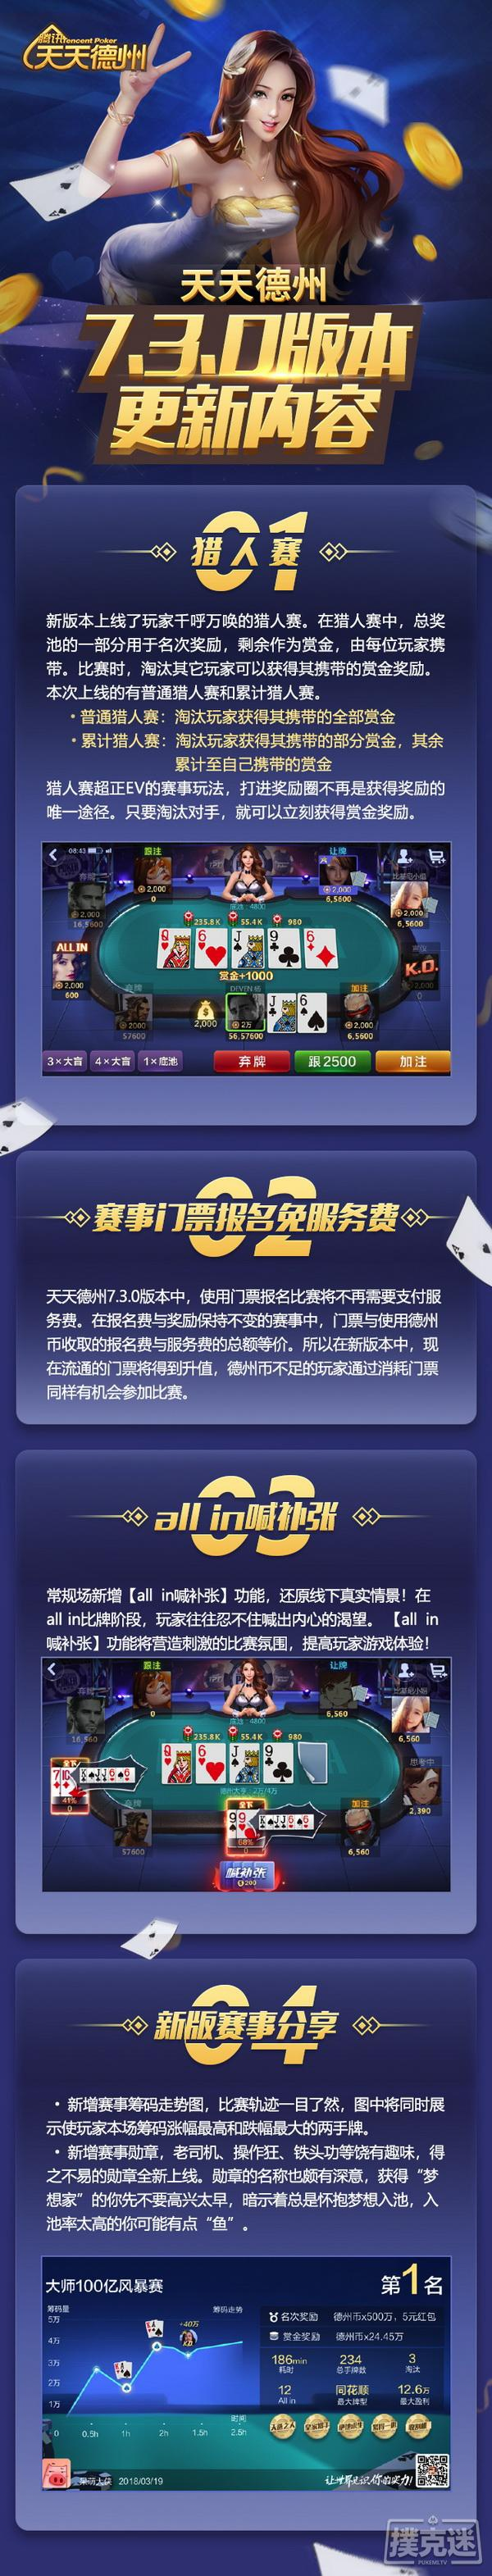 蜗牛扑克:新功能缤纷上线,all in喊补张助您胜利连场